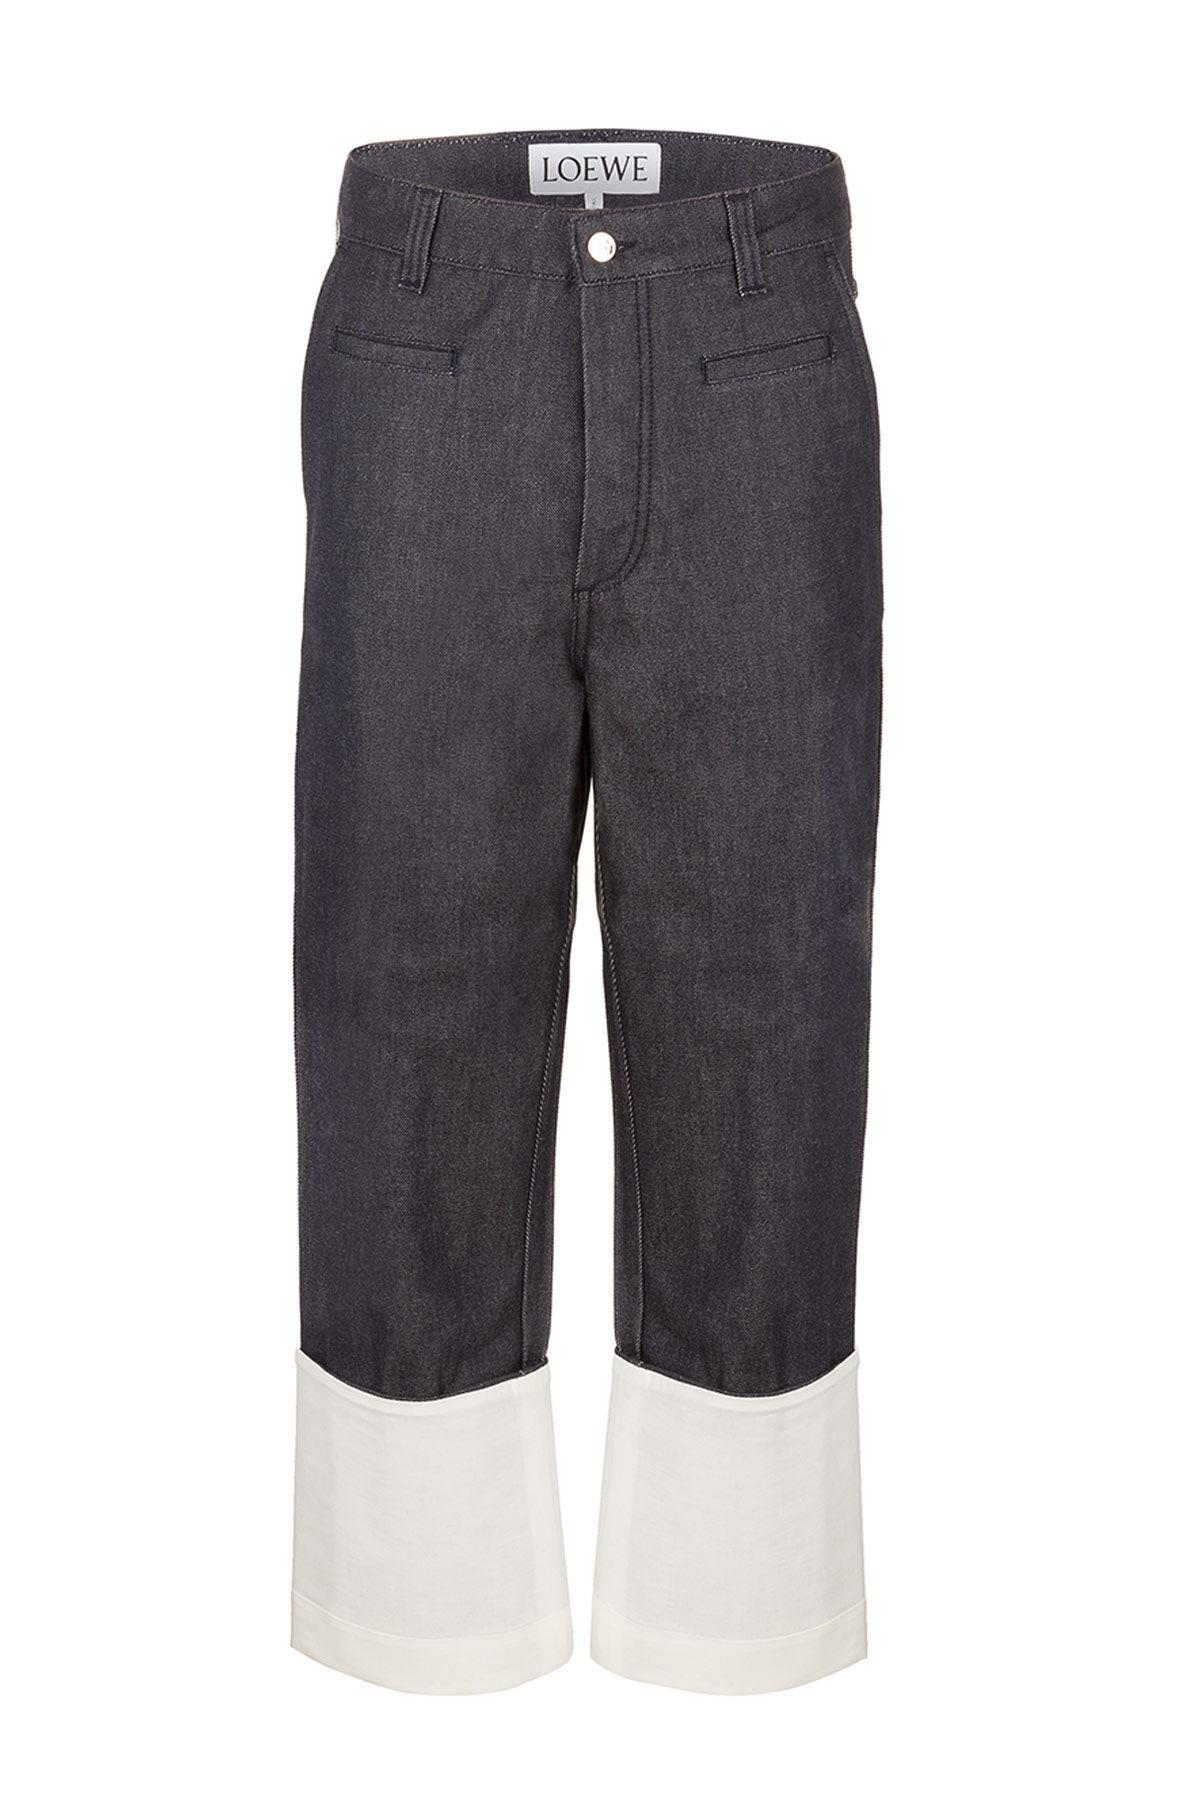 LOEWE Fisherman Jeans Navy Blue all